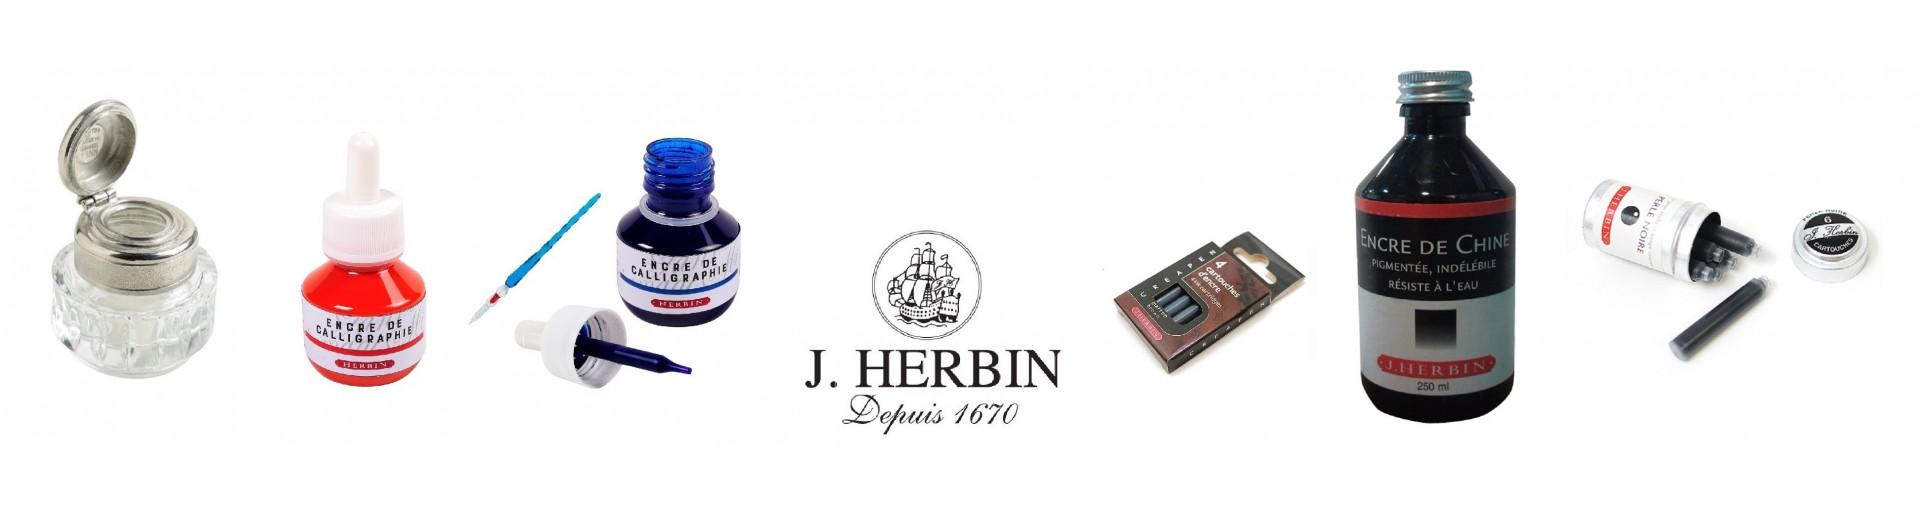 TINTAS J HERBIN